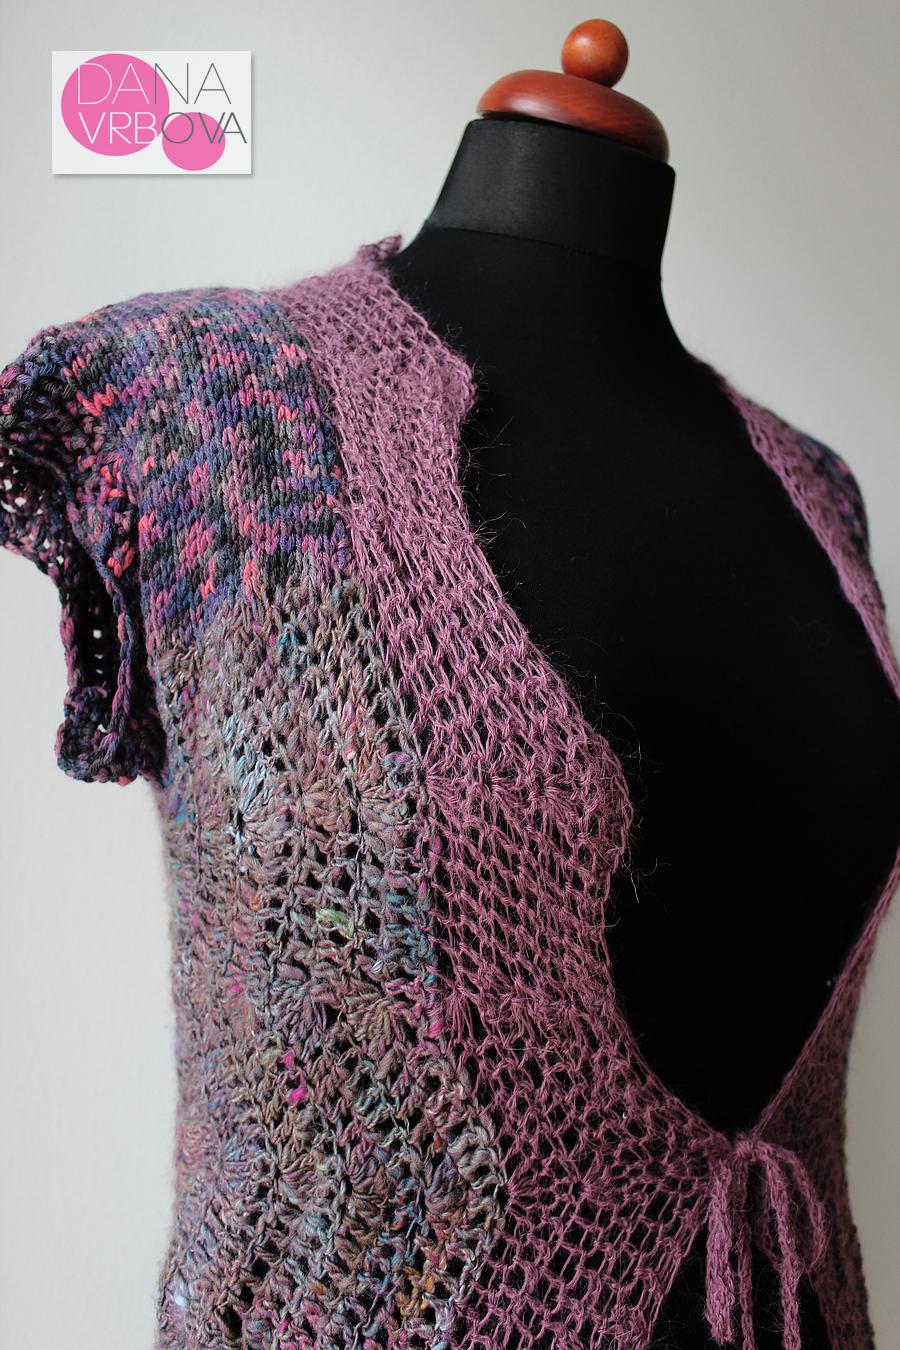 5721d6cde77 Háčkovaná vesta   Zboží prodejce Dana Vrbova